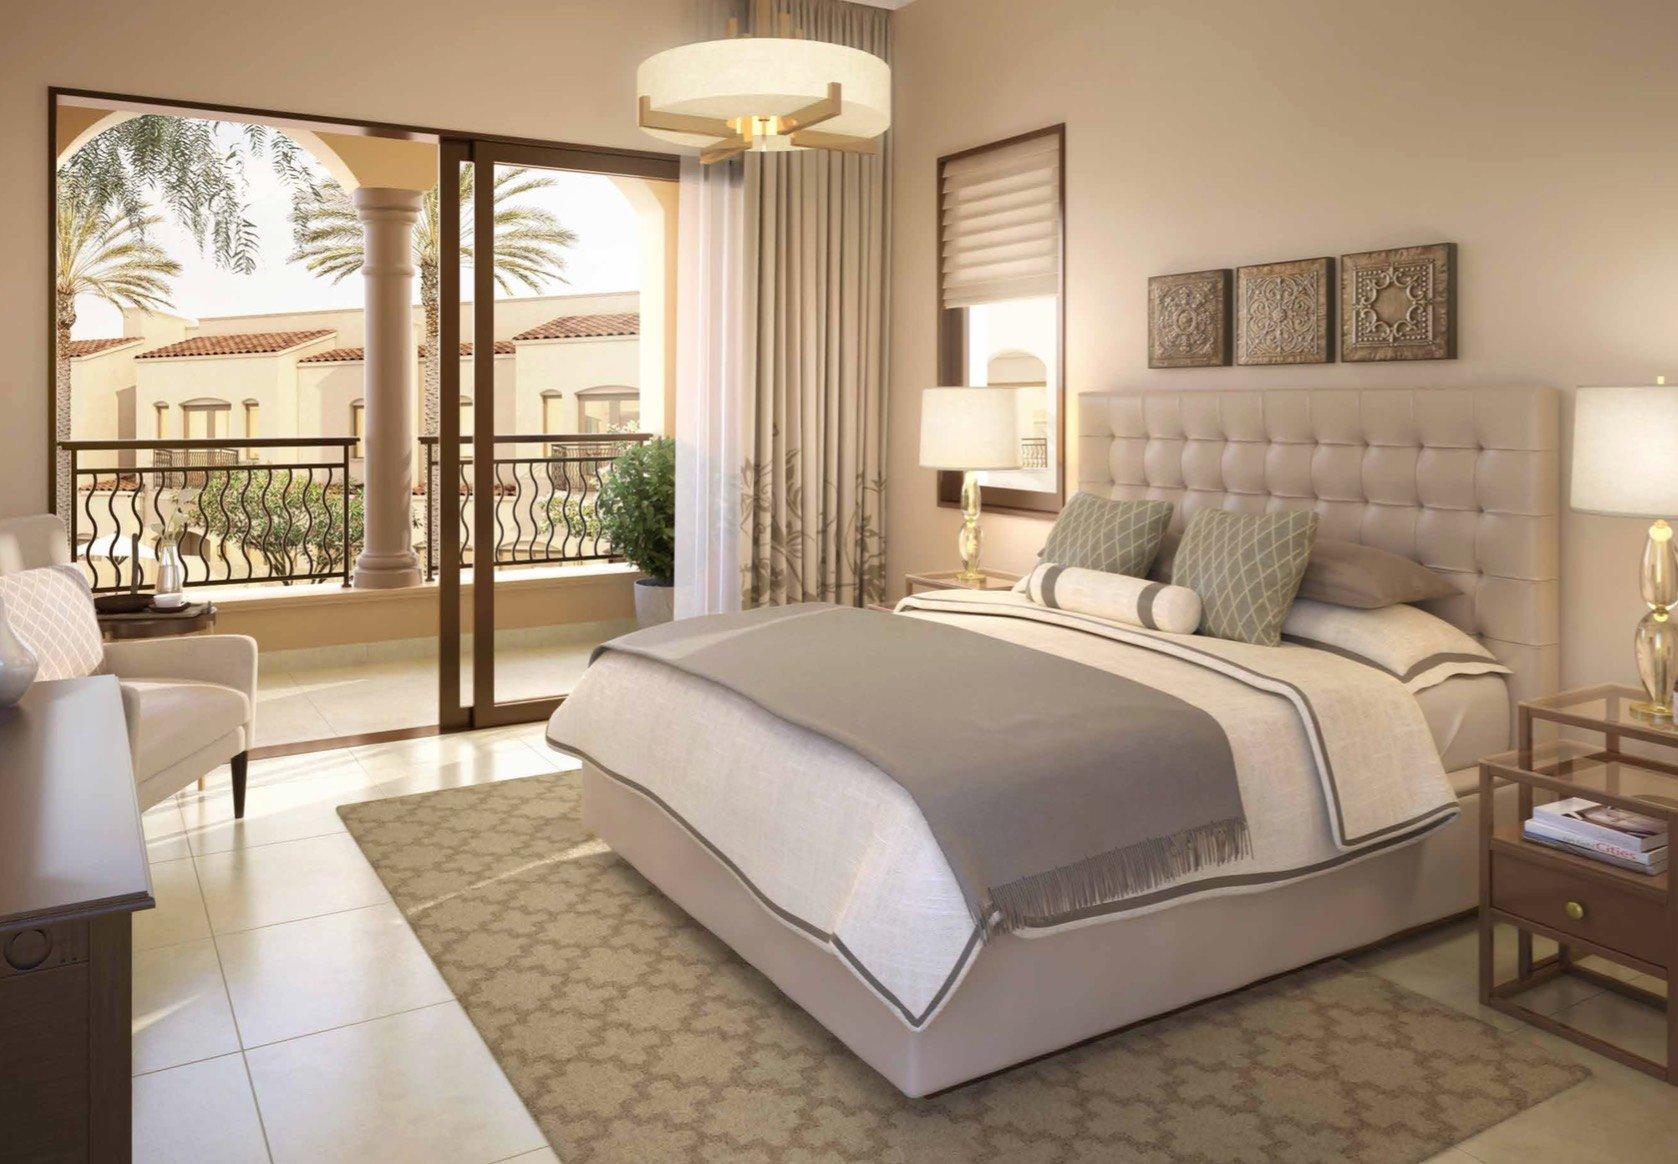 3 غرف نوم في فيلا بمساحة 211 م2، في منازل كاسا دورا من شركة دبي